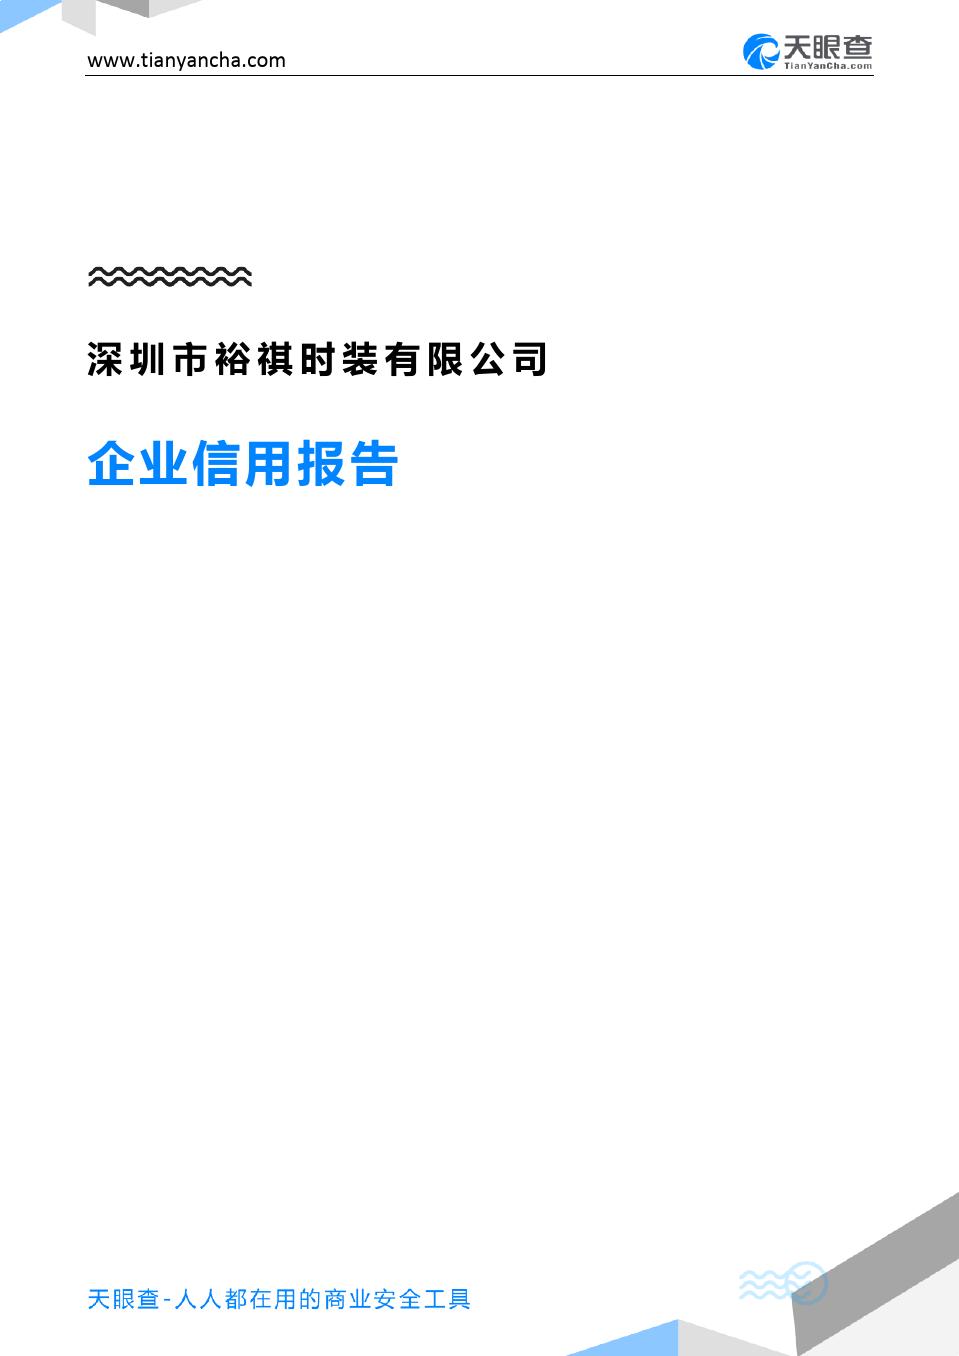 深圳市裕祺时装有限公司(企业信用报告)- 天眼查